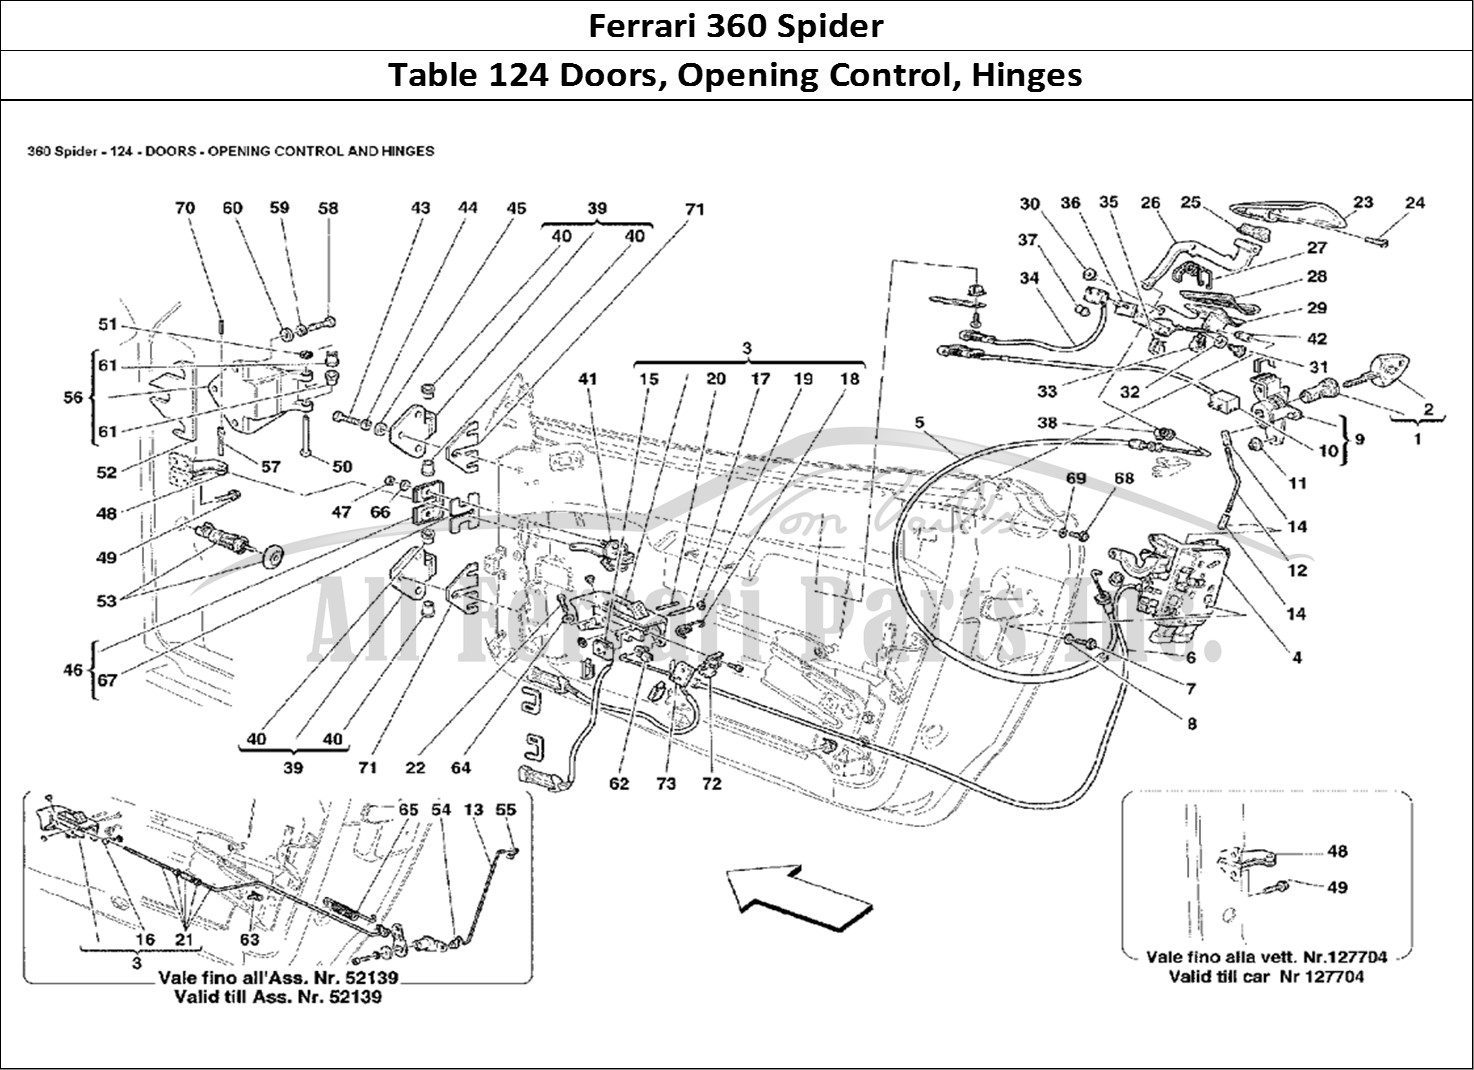 Buy original Ferrari 360 Spider 124 Doors, Opening Control